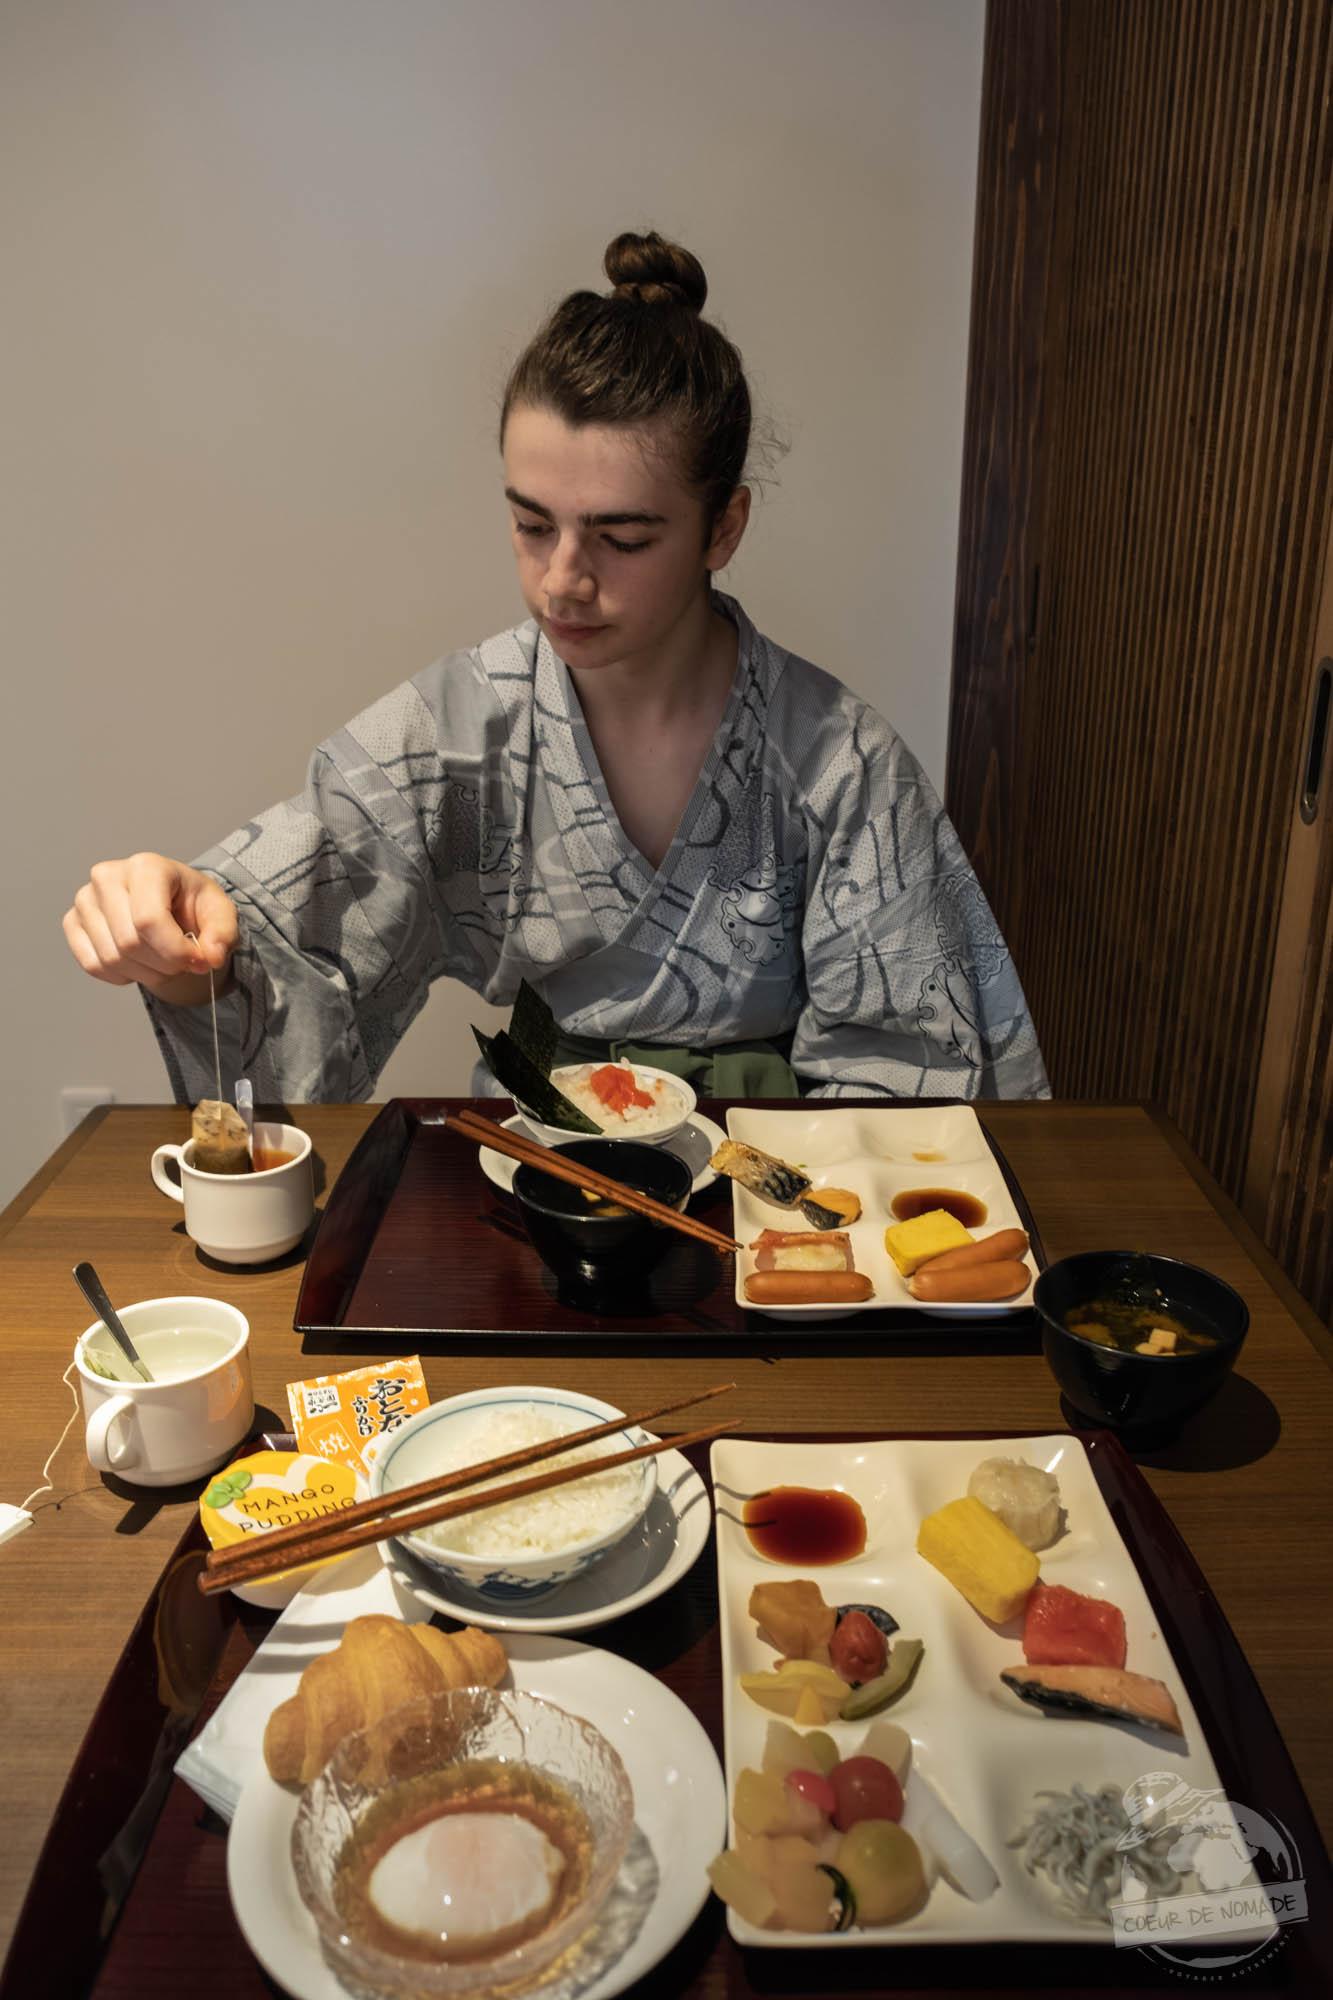 déjeuner dans un ryokan à Minakami